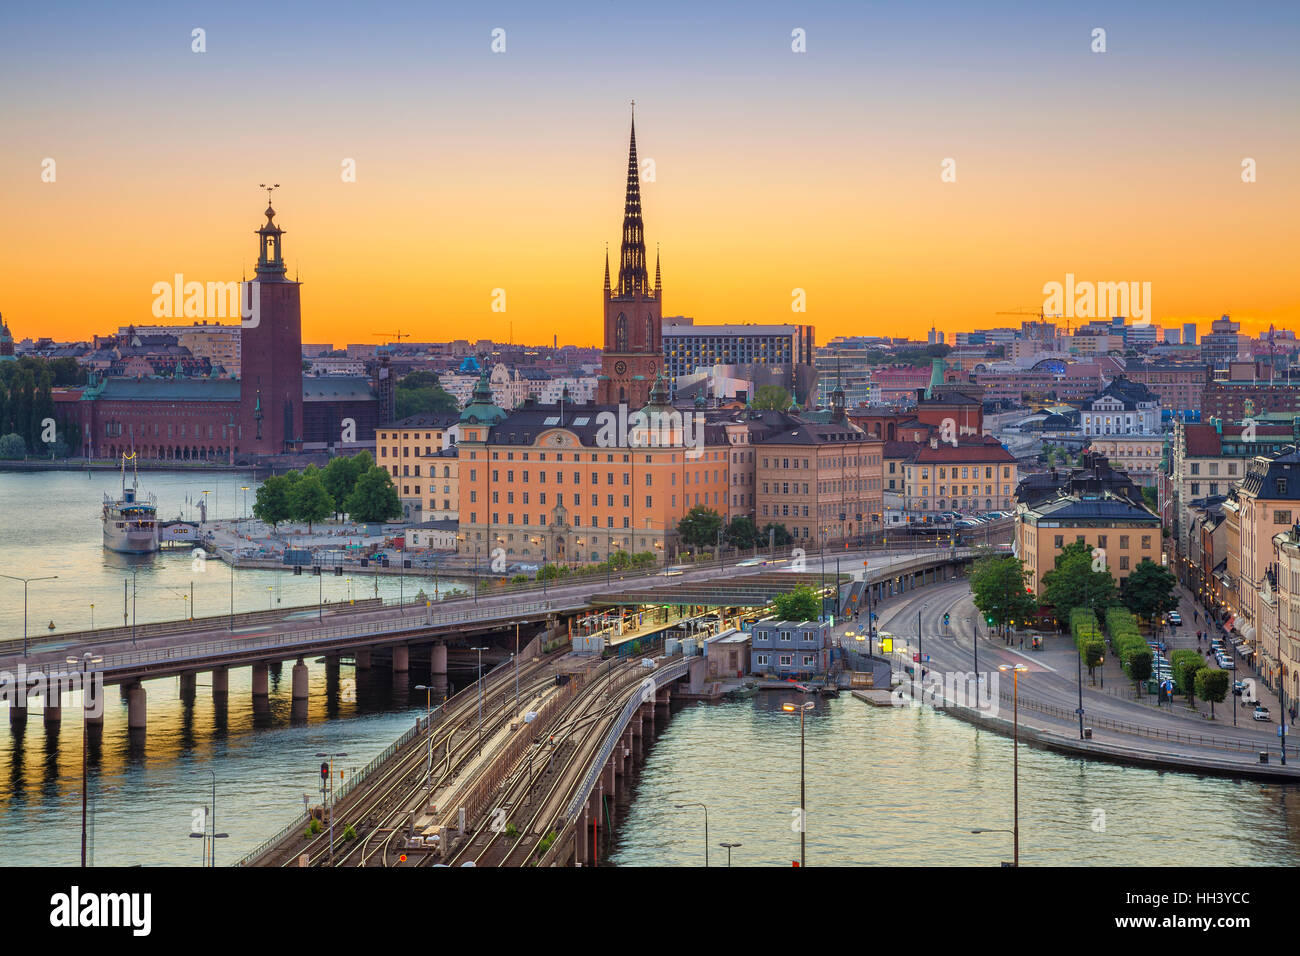 Estocolmo. Imagen del paisaje urbano de Estocolmo, Suecia durante el atardecer. Imagen De Stock